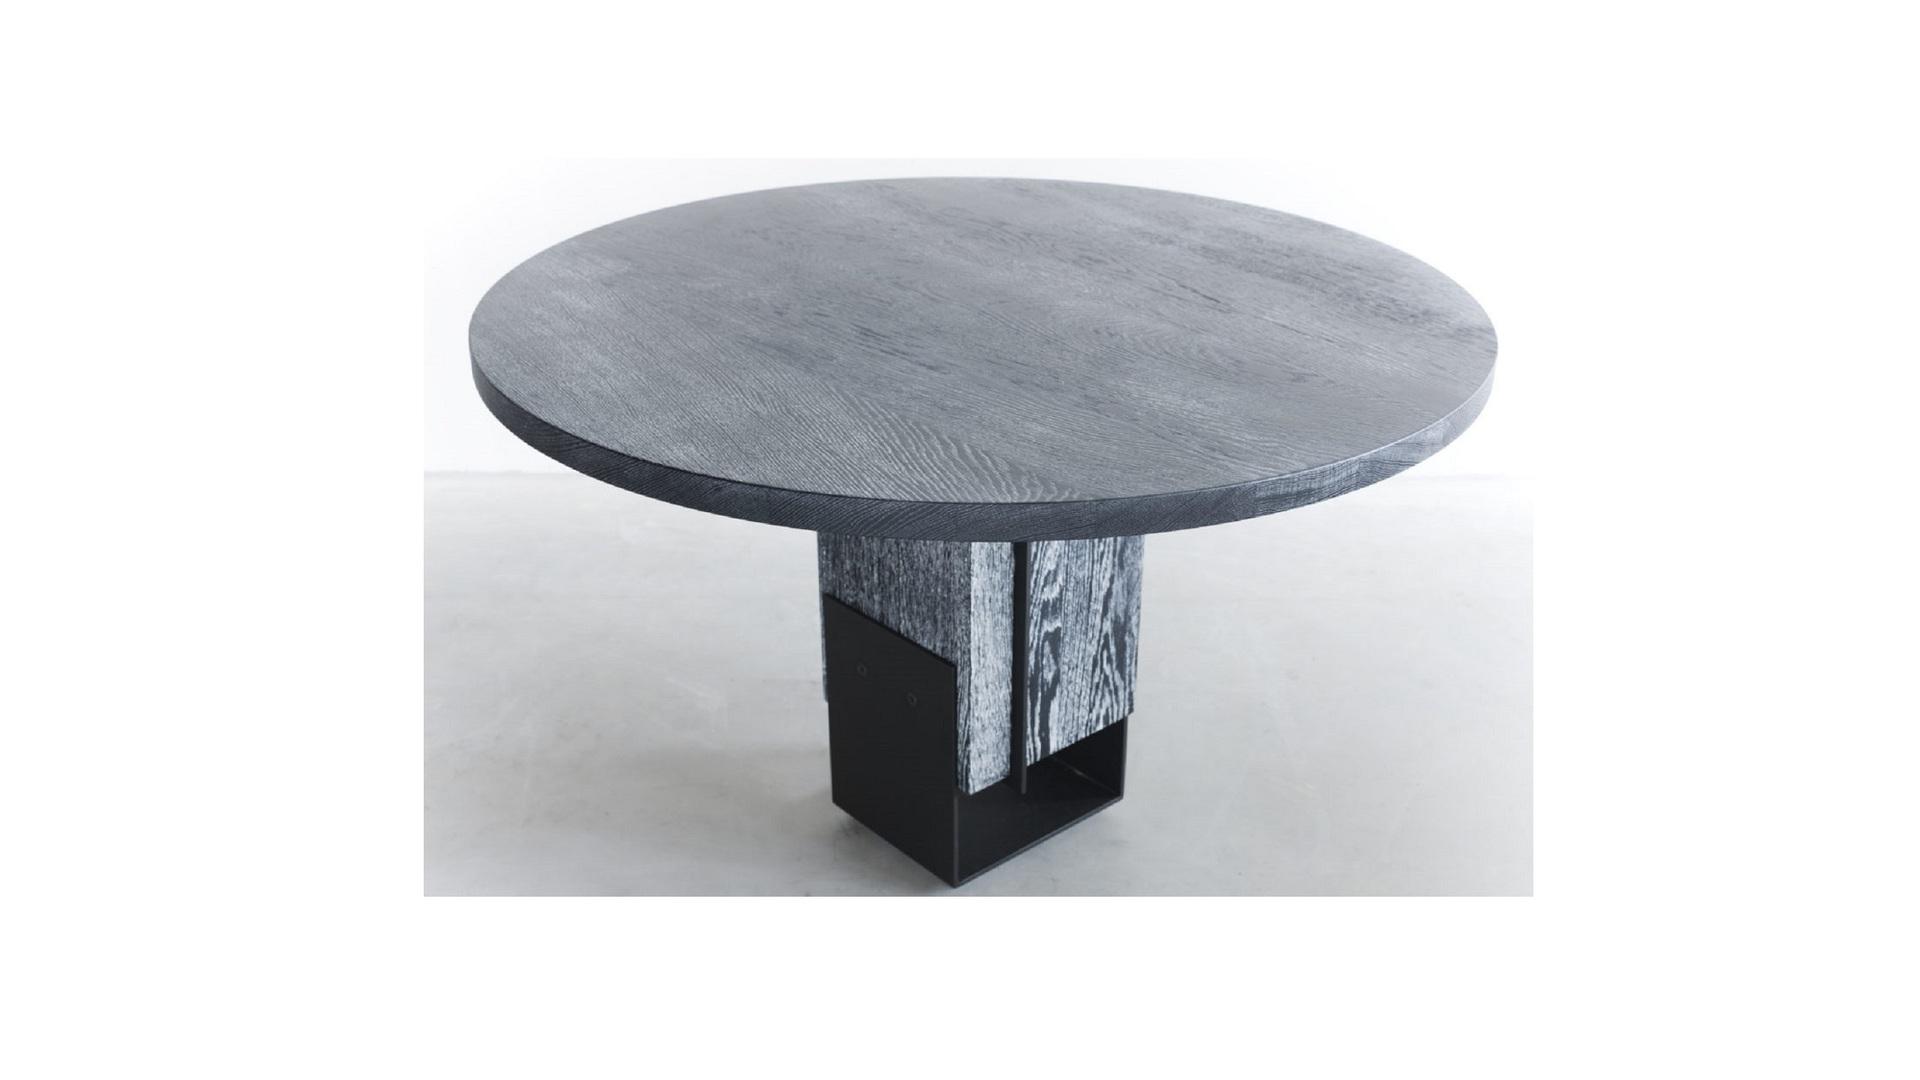 Kitale-round-dining-table-ronde-tafel-Rund-Esstisch-02-1-1280x853 klein.jpg